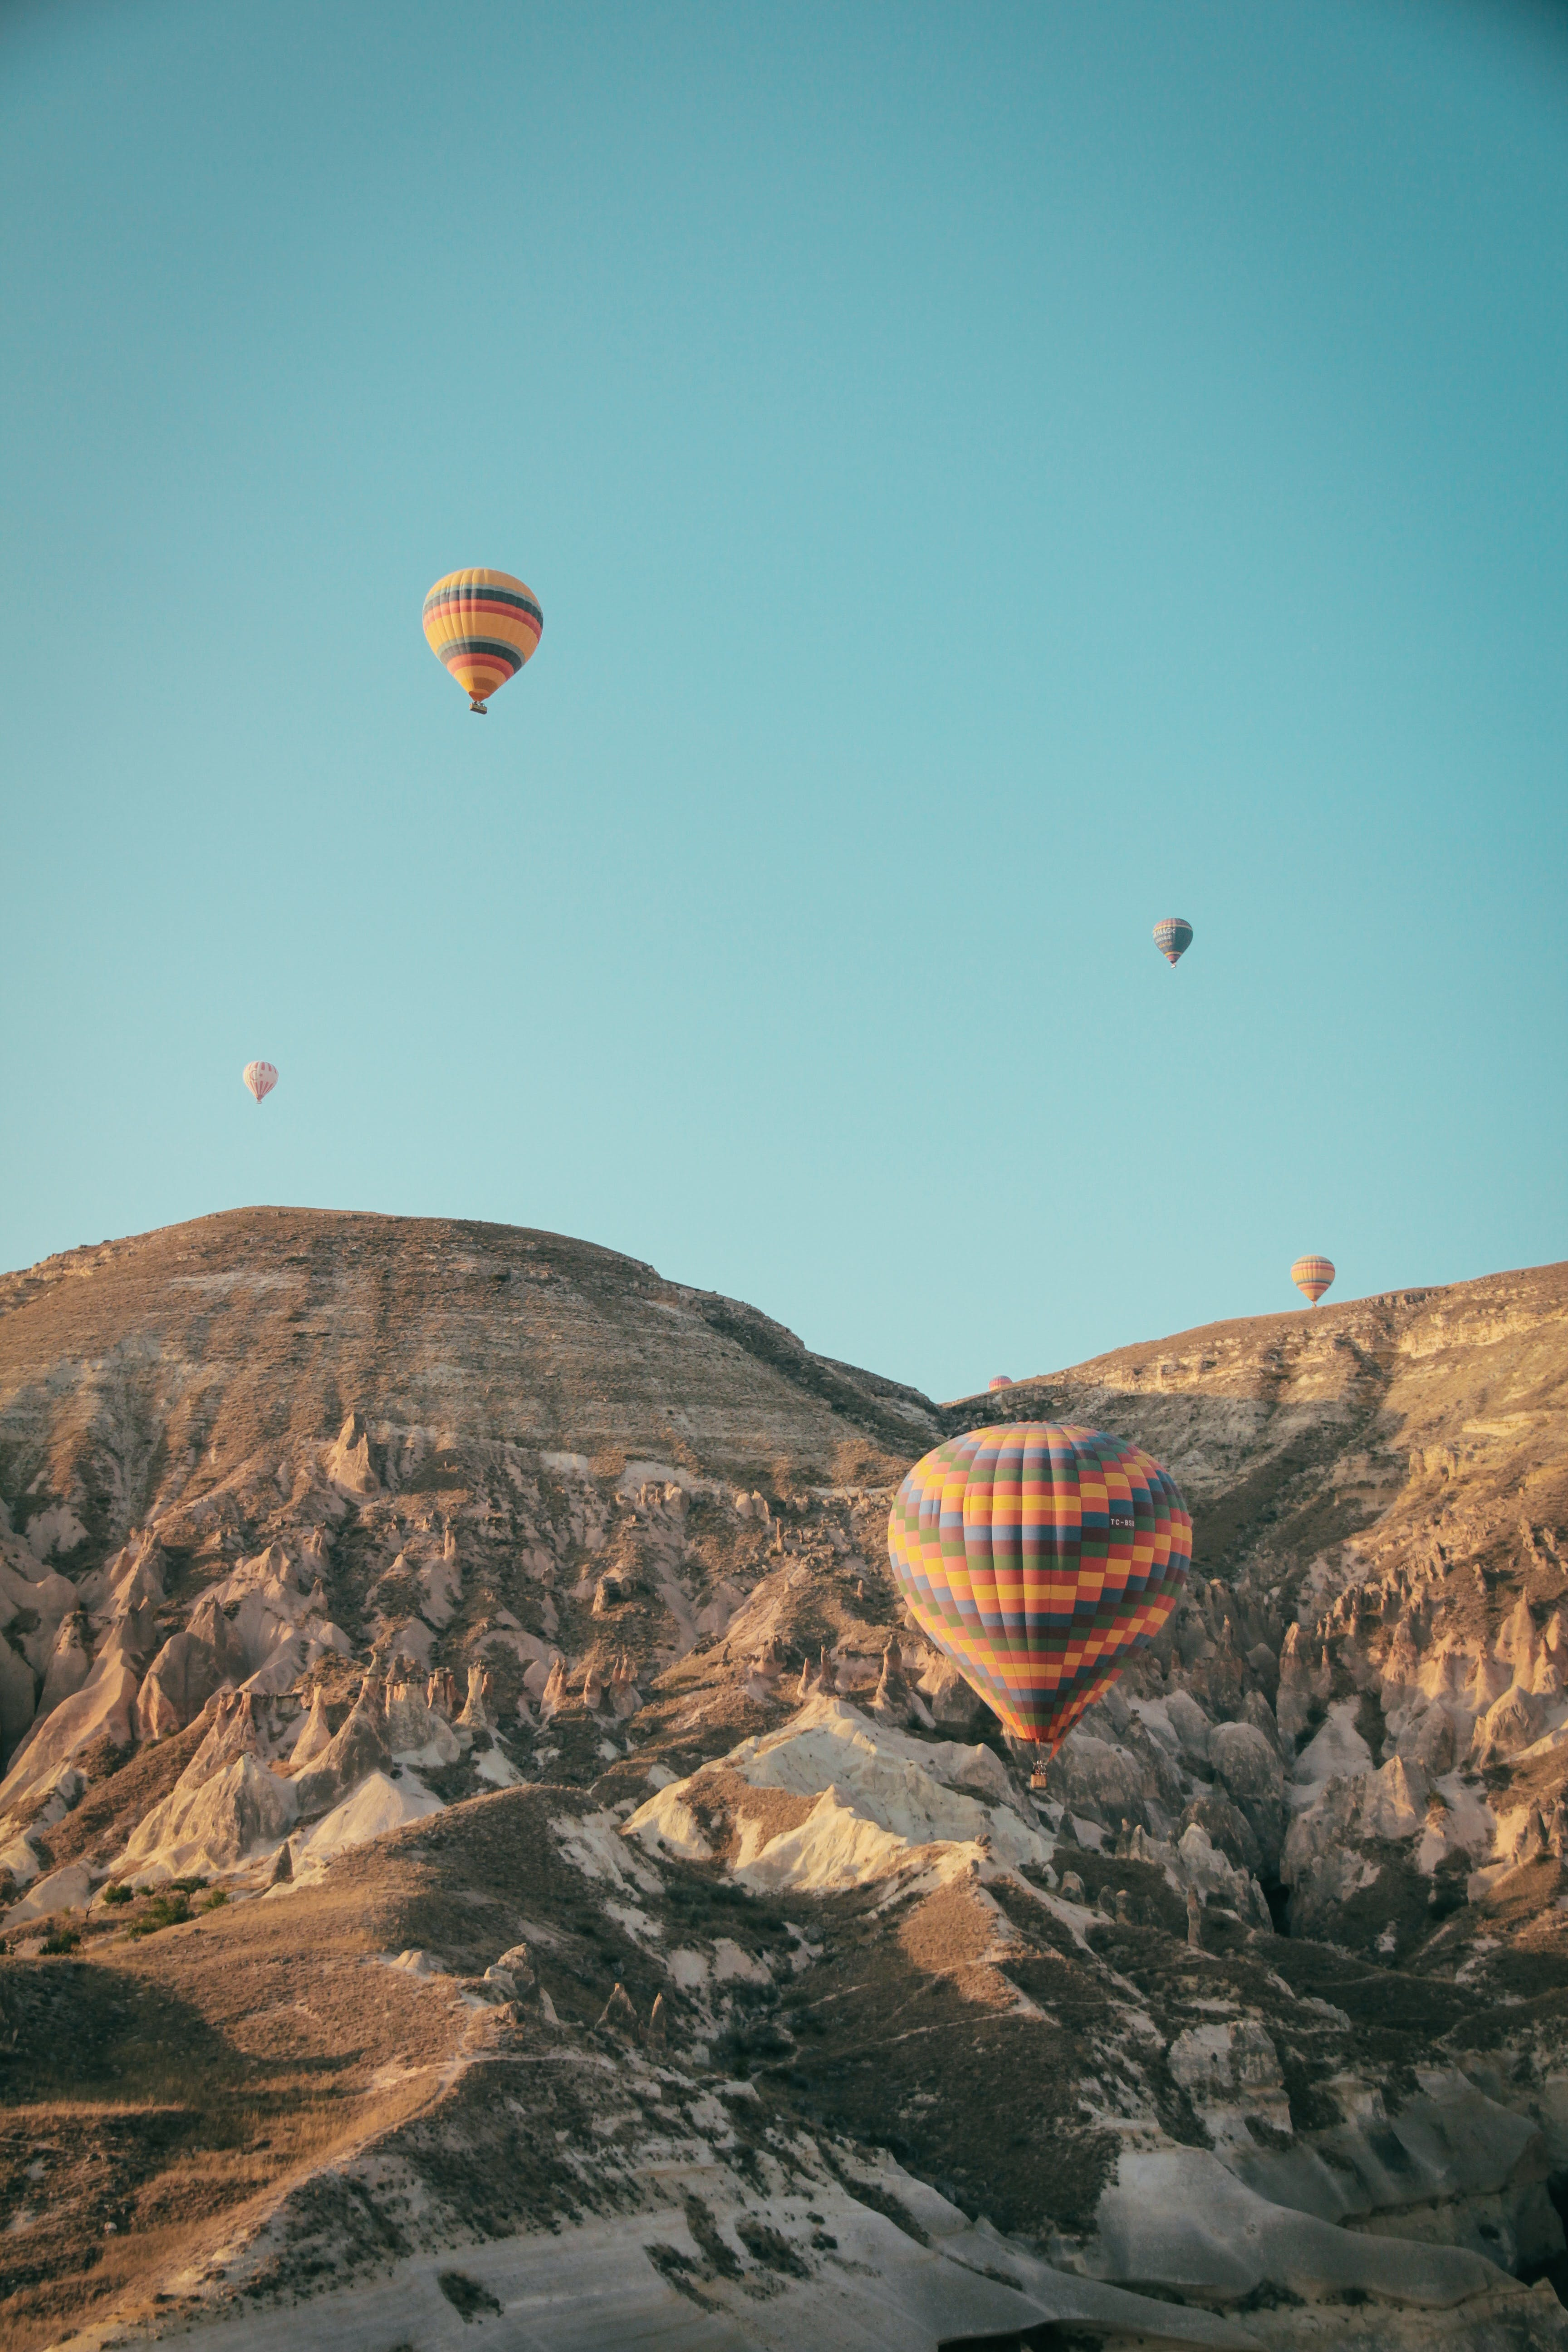 Gratis lagerfoto af balloner, bjerg, flyrejse, landskab